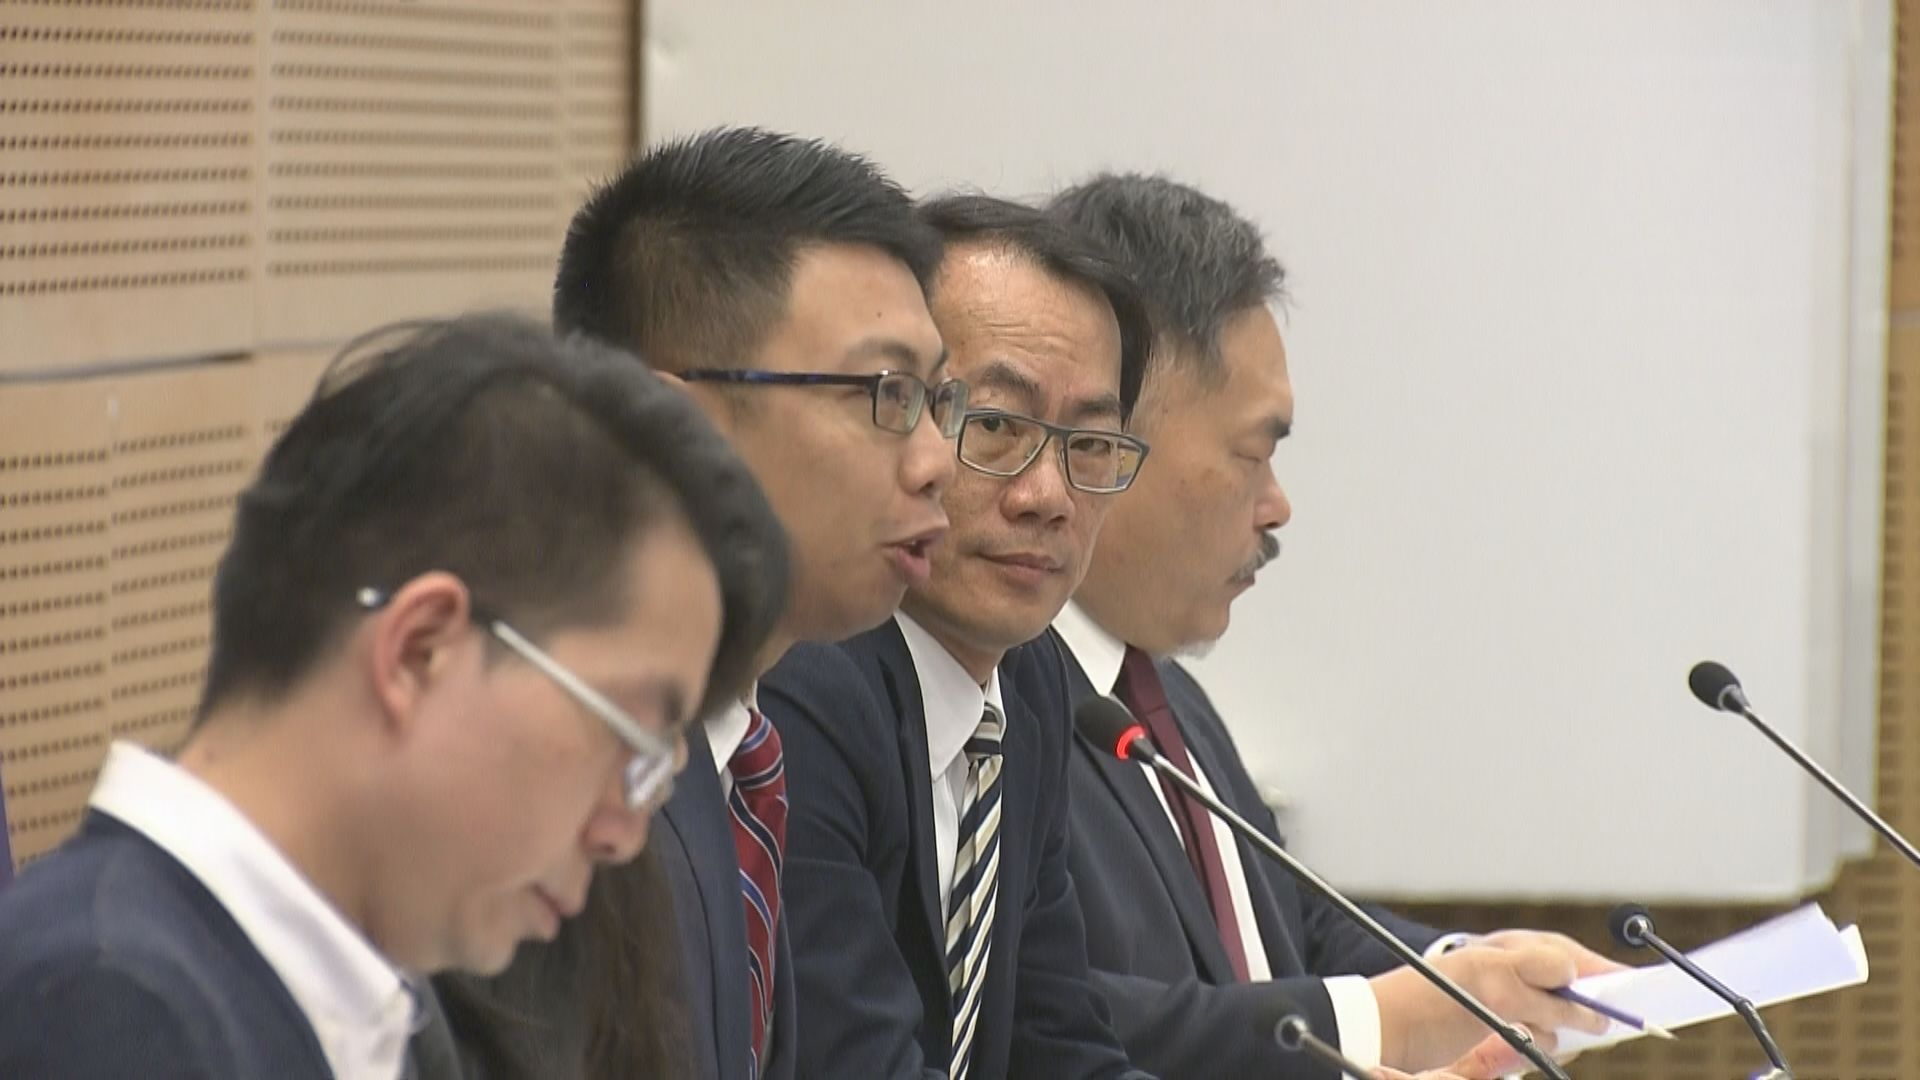 西貢及中西區議會開會 民主派包攬正副主席